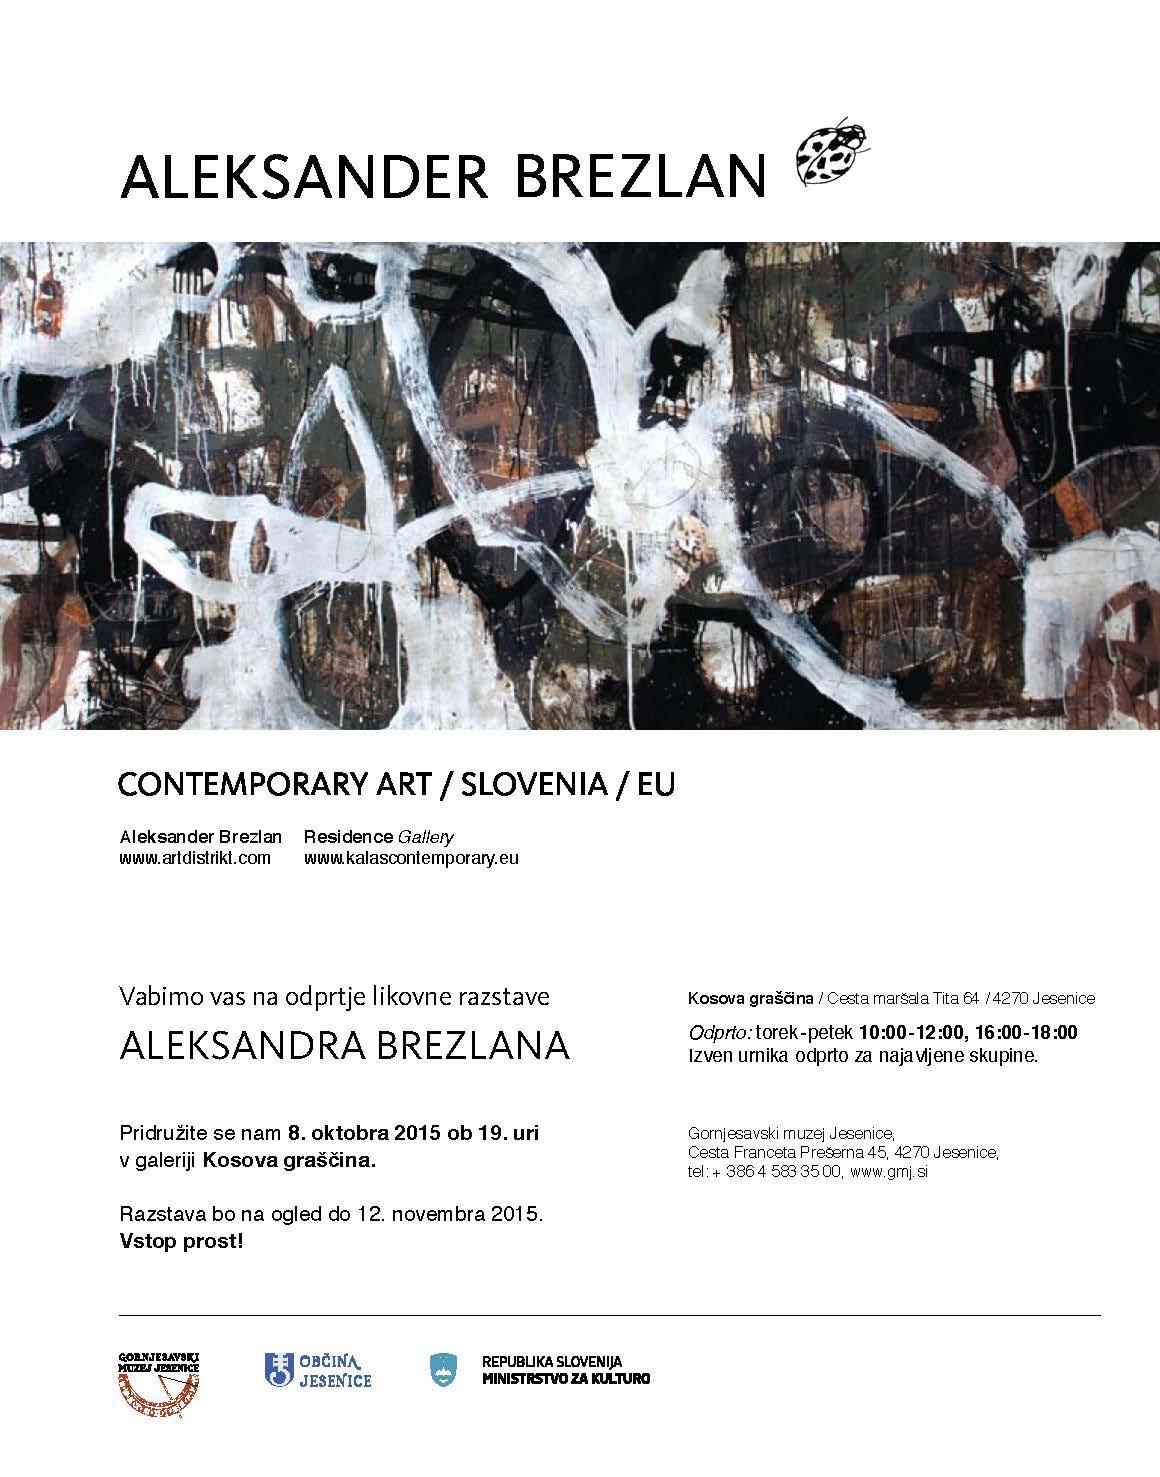 ALEKSANDER BREZLAN - e vabilo (1)